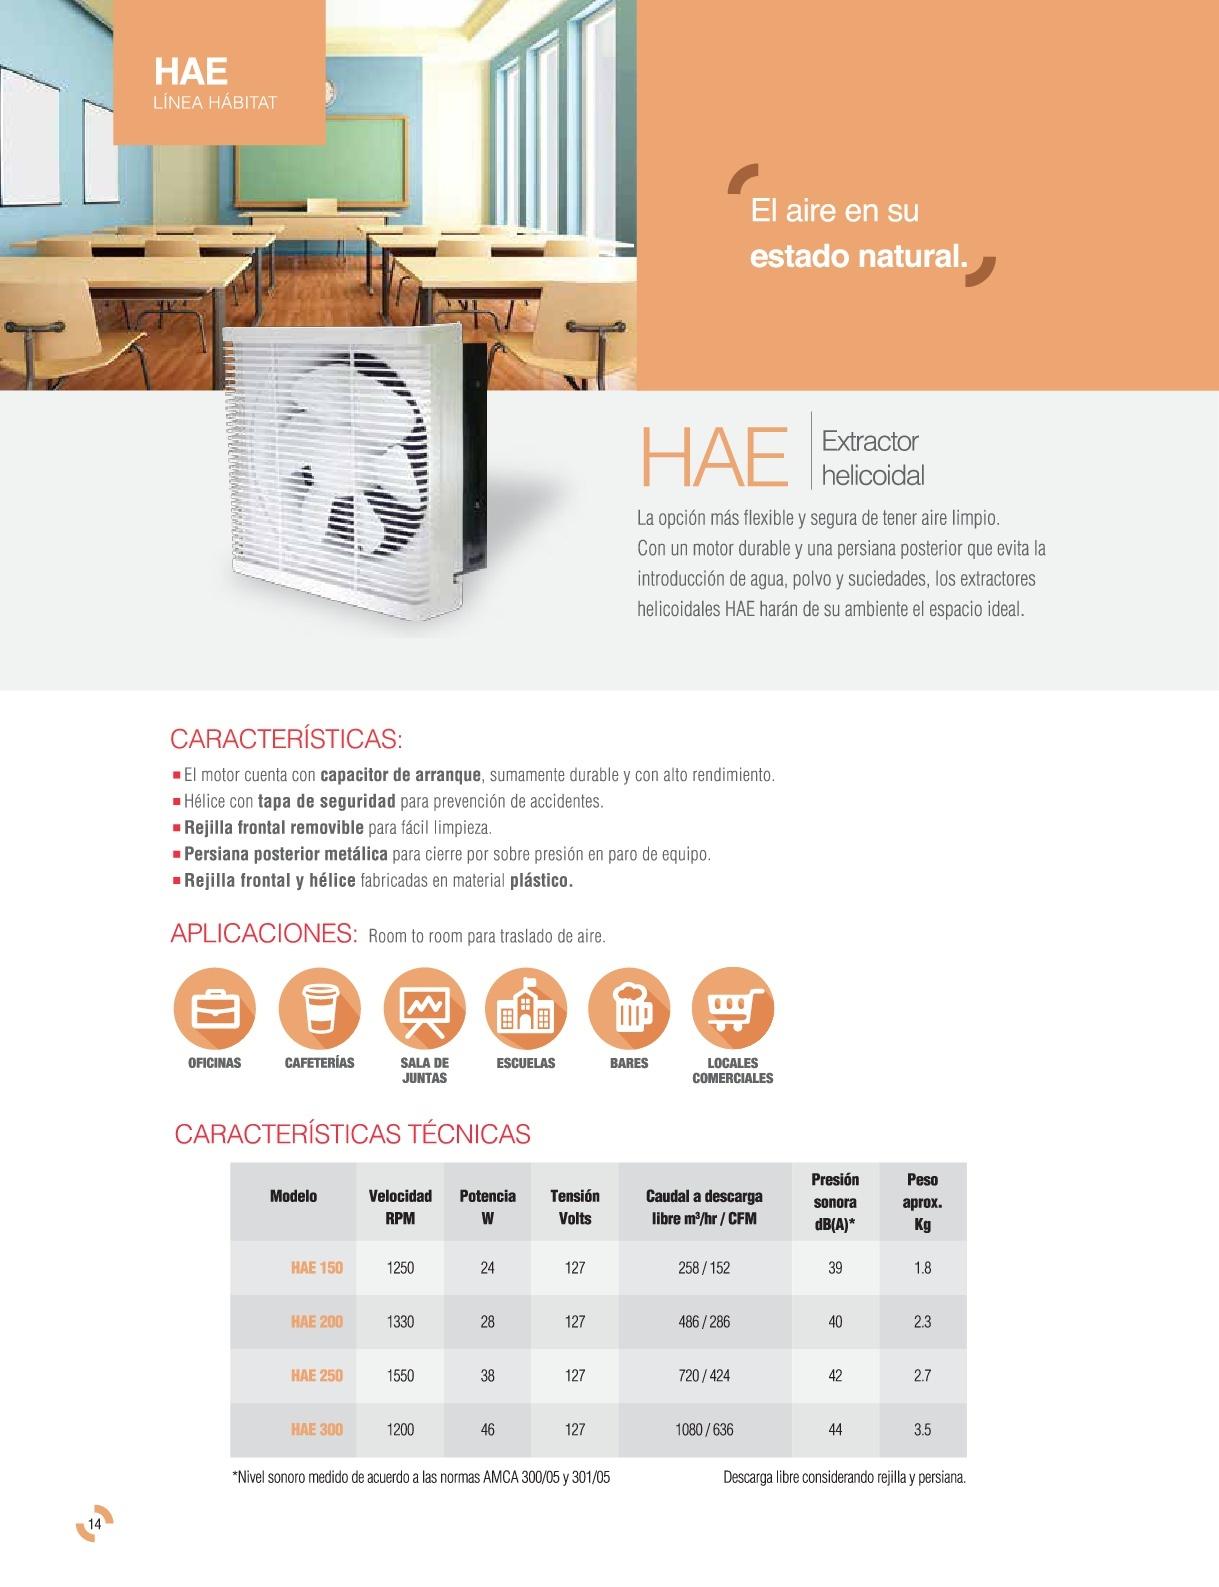 HAE-001